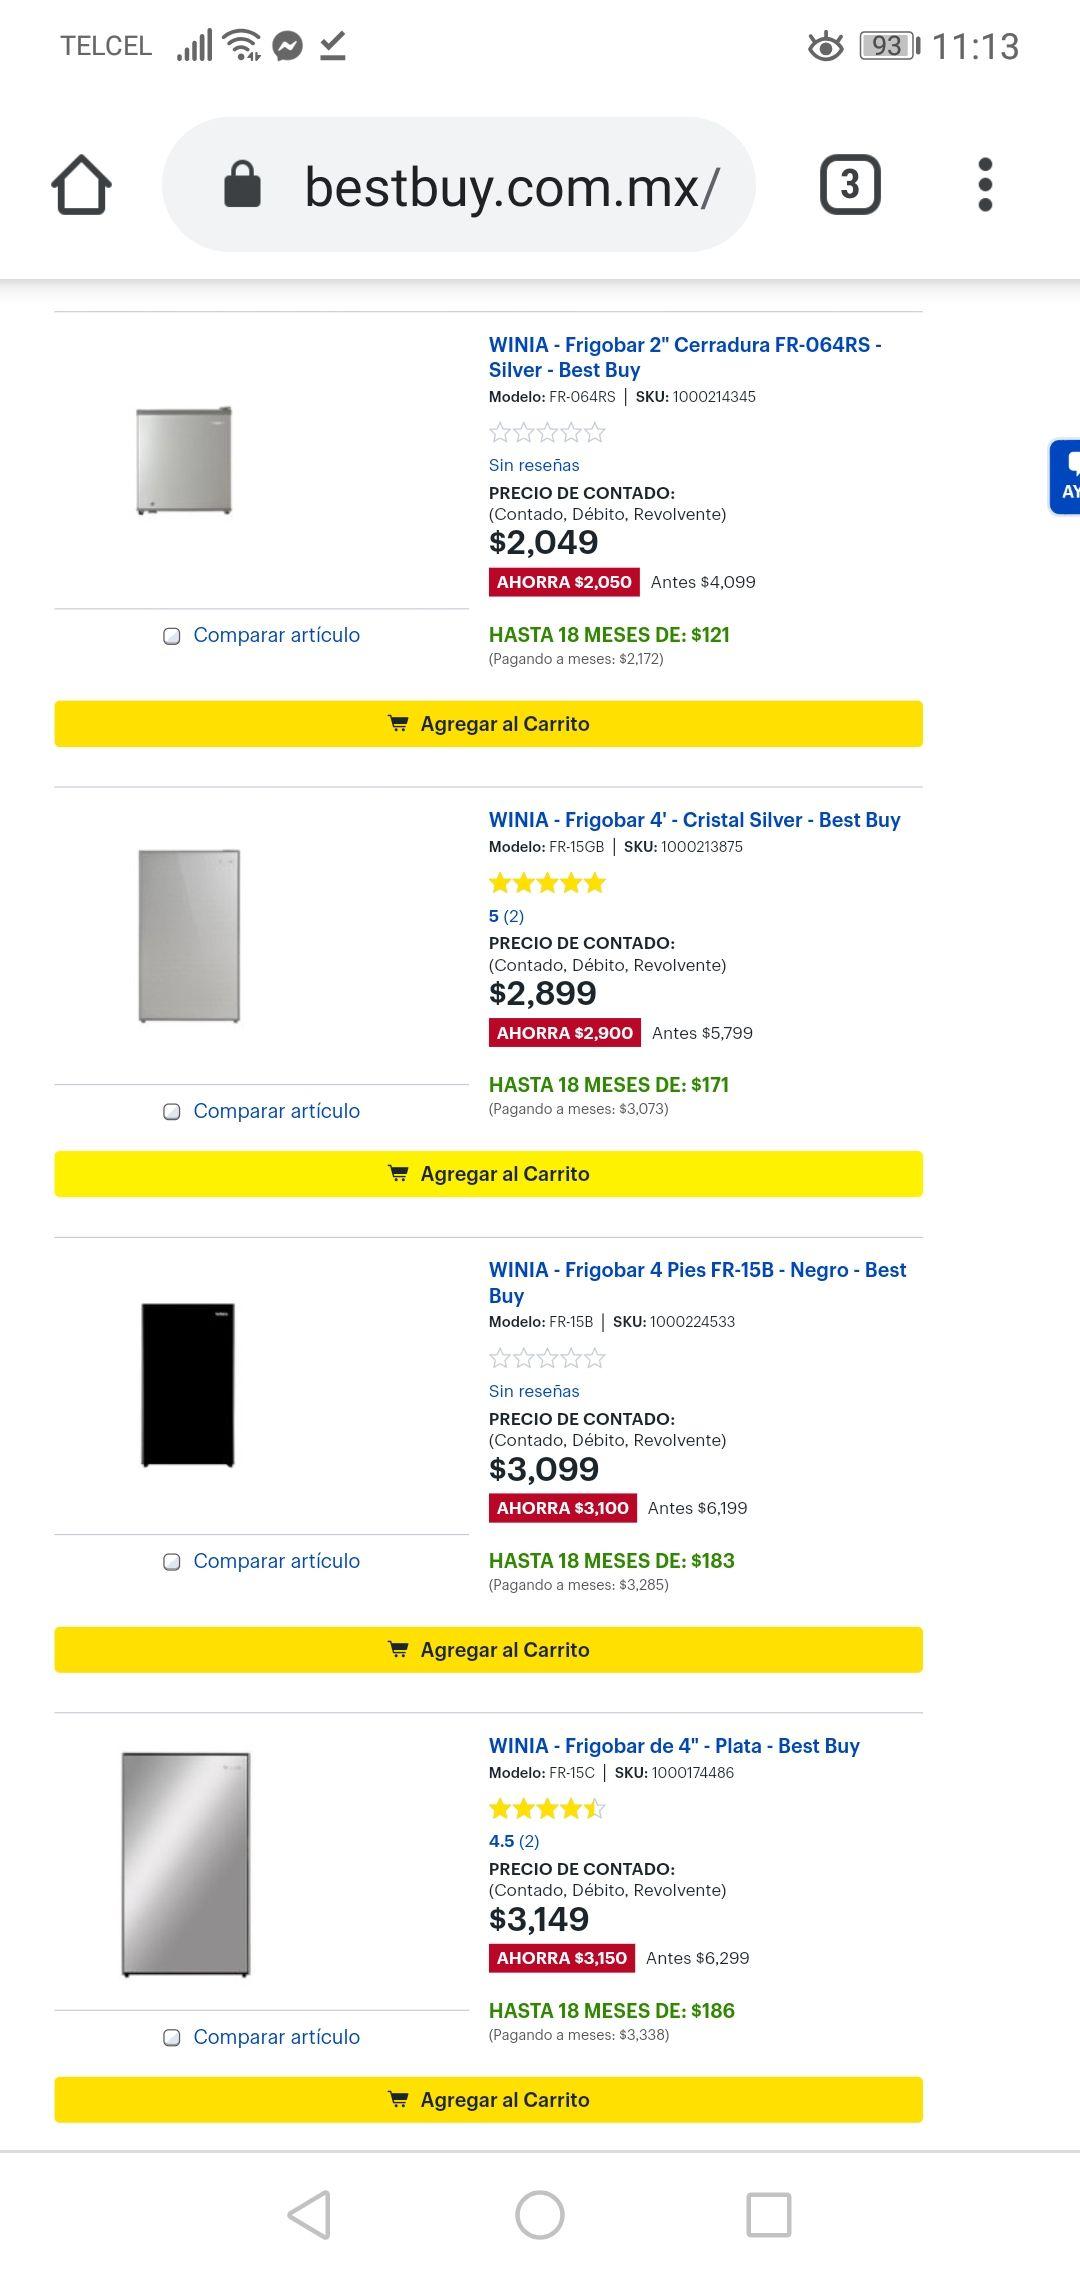 Best Buy: Recopilación de Frigobares desde los $2049 a $3600